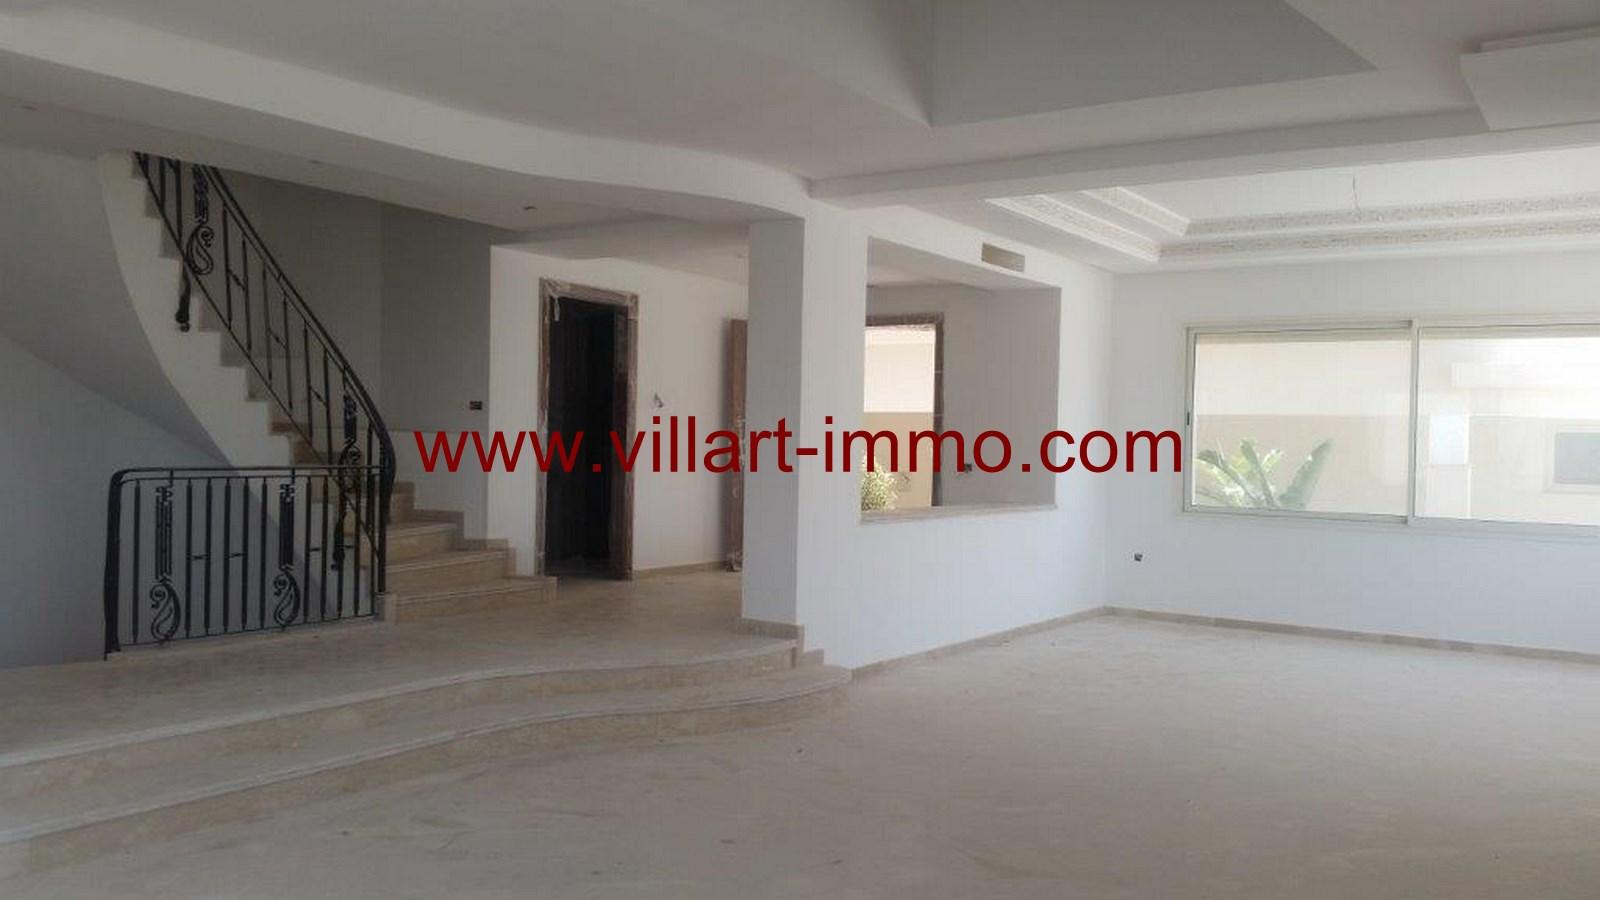 3-a-vendre-tanger-villa-la-montagne-salon-1-vv421-villart-immo-agence-immobiliere